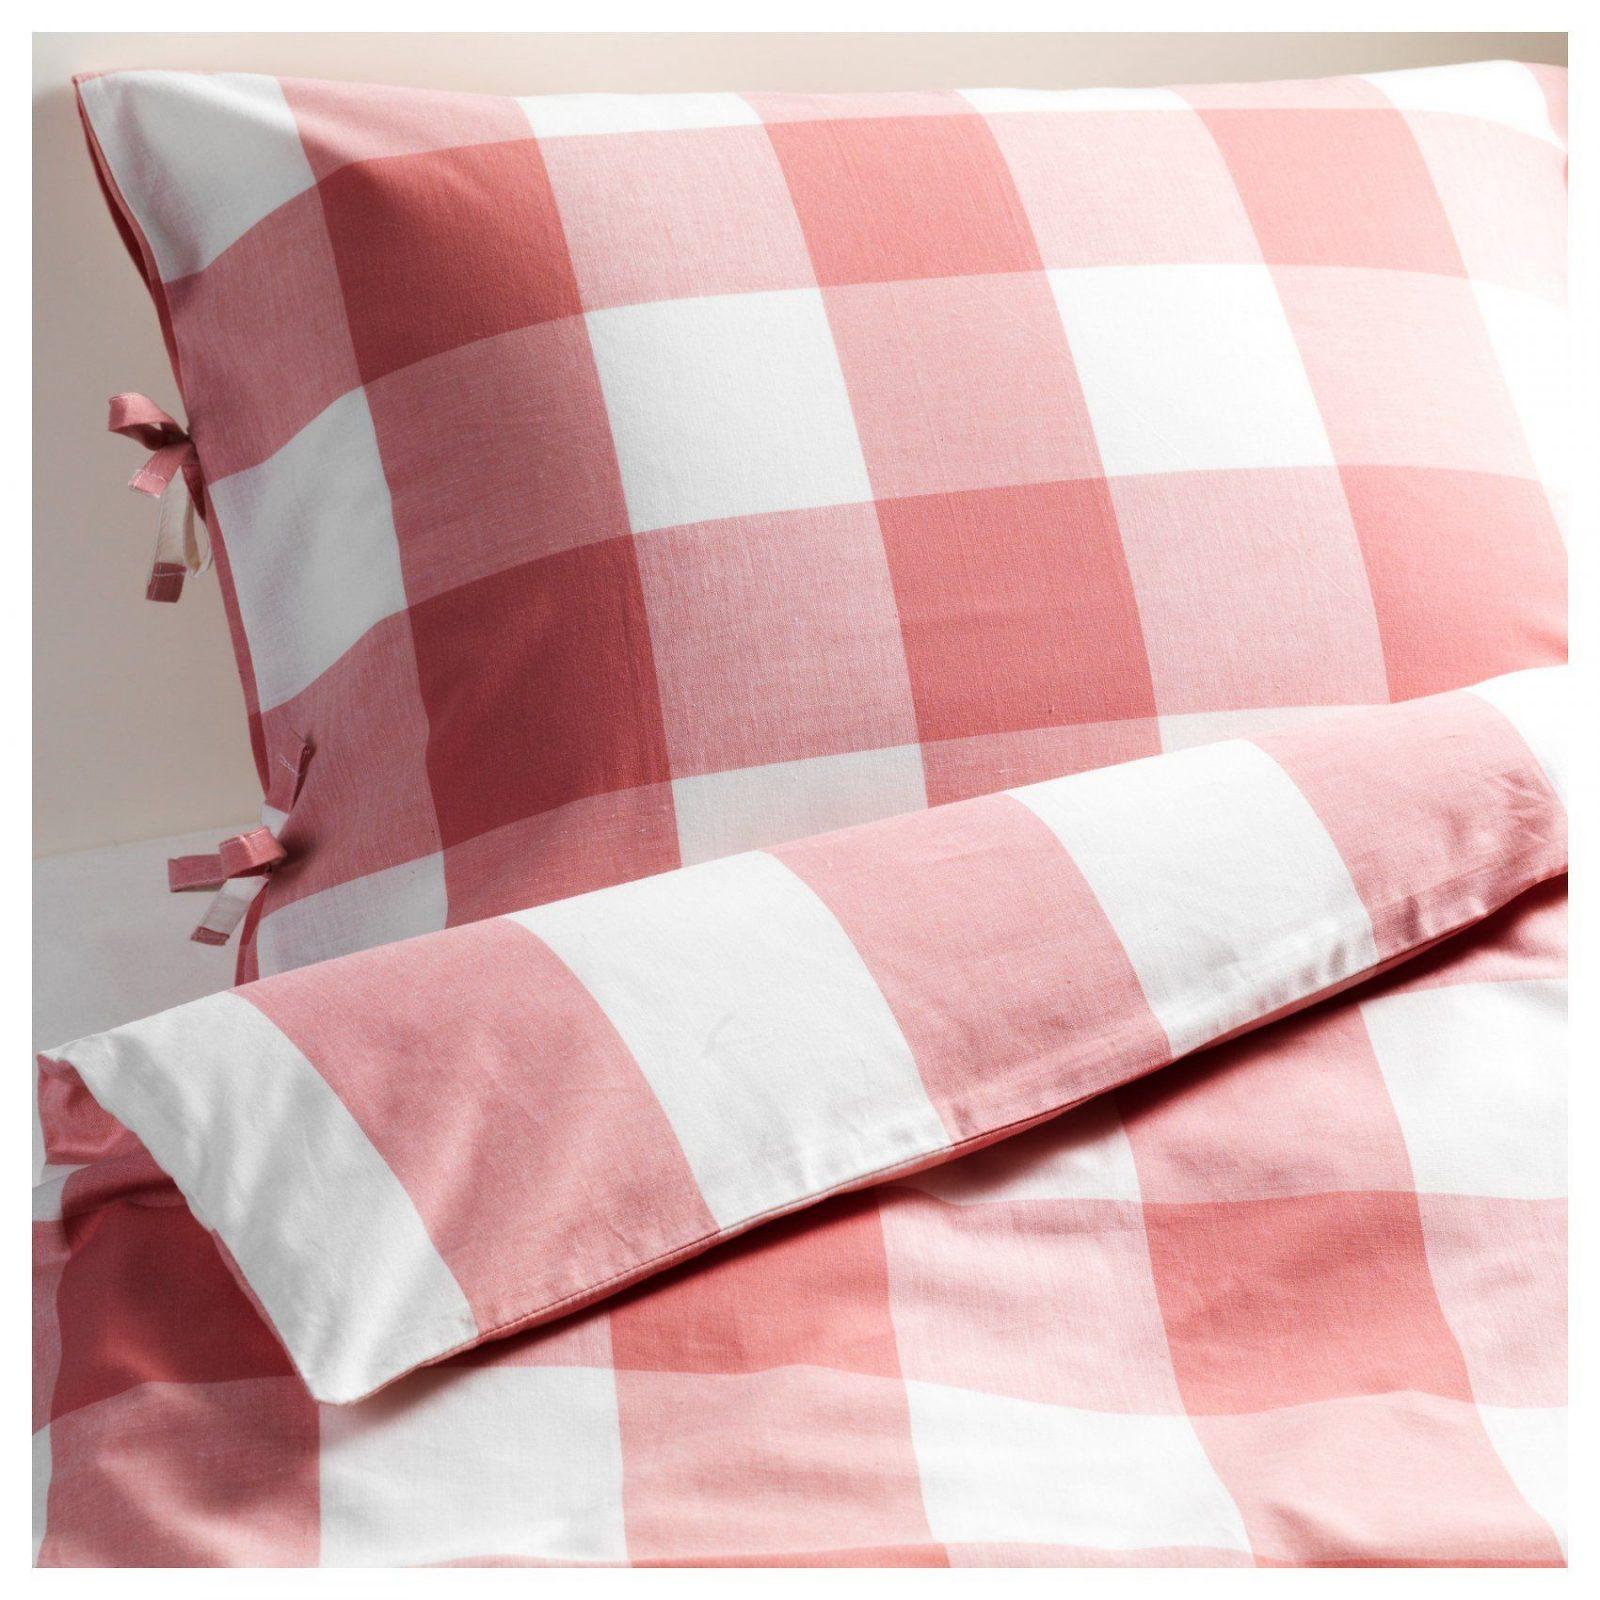 Bettlaken Sets Online  Dibinekadar Decoration von Ikea Blümchen Bettwäsche Bild